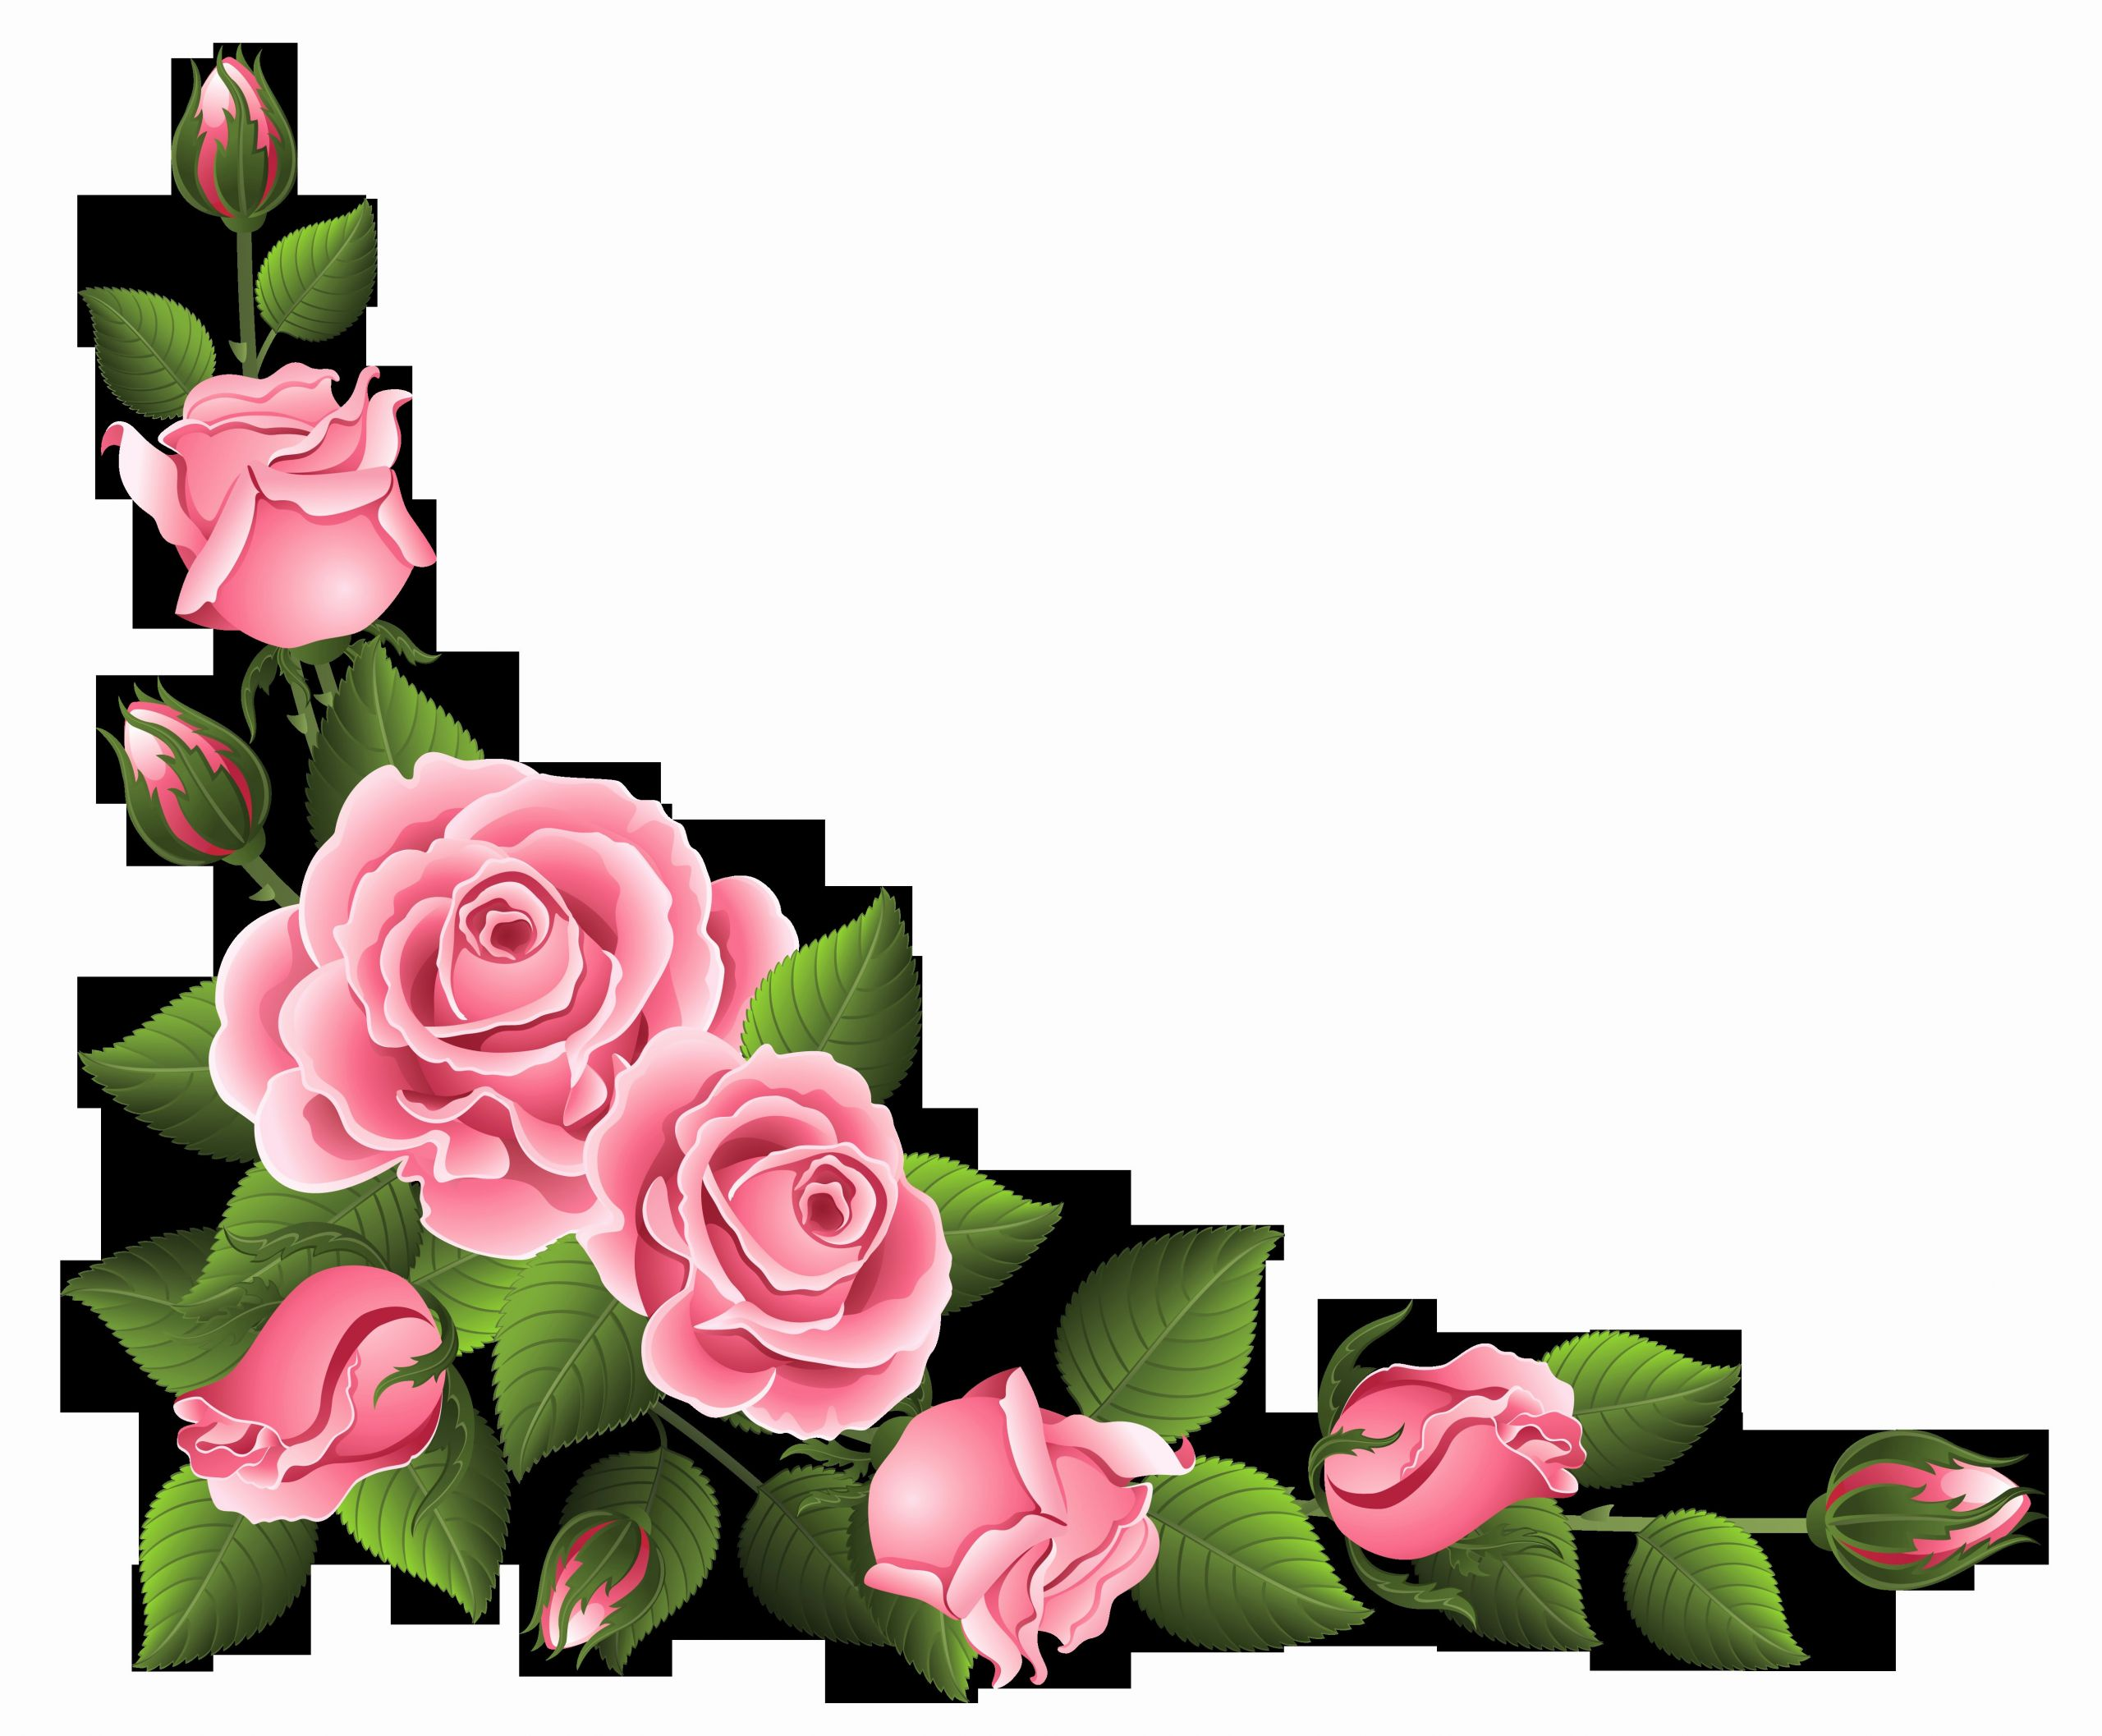 flower vase food of 10 best of vase stand bogekompresorturkiye regarding bodenvase deko neu flower vase table 04h vases tablei 0d clipart dining base end design